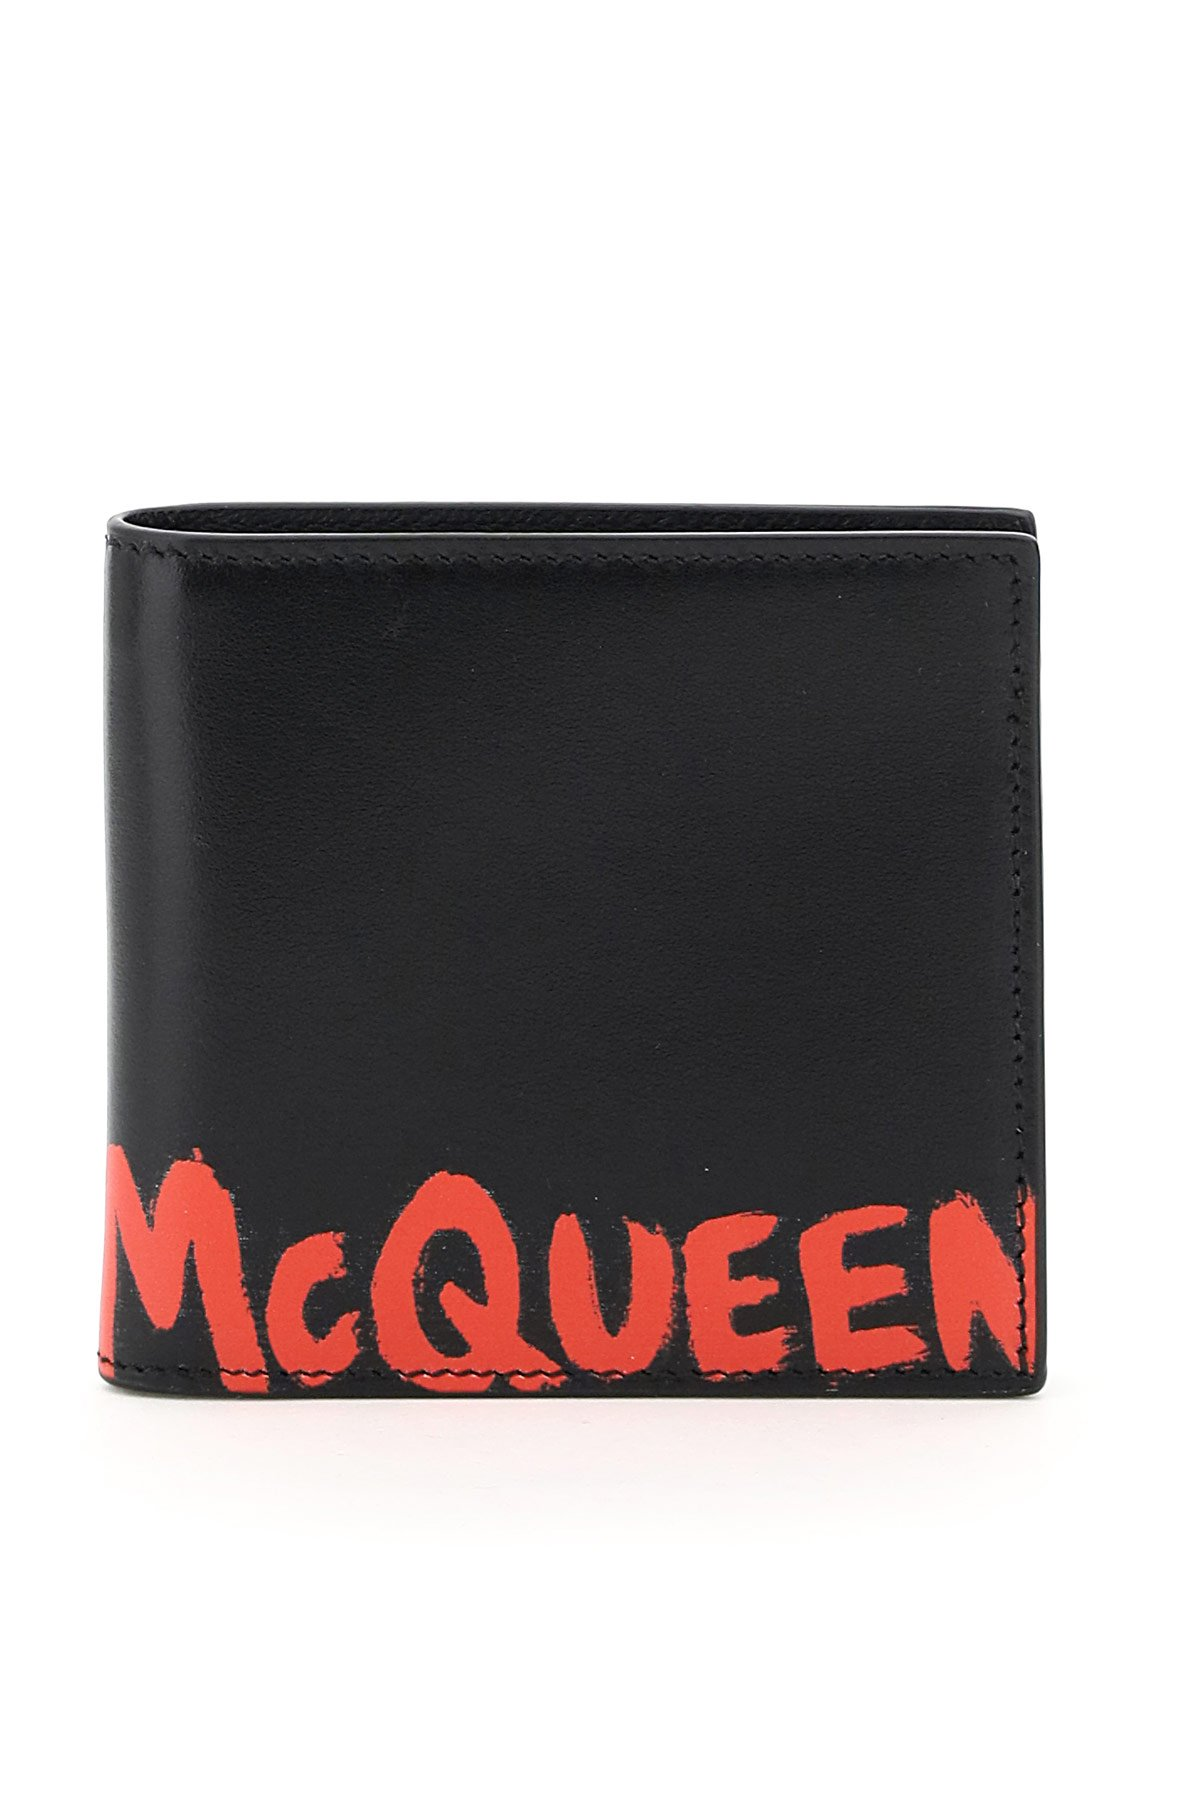 Alexander mcqueen portafoglio logo graffiti bi-fold